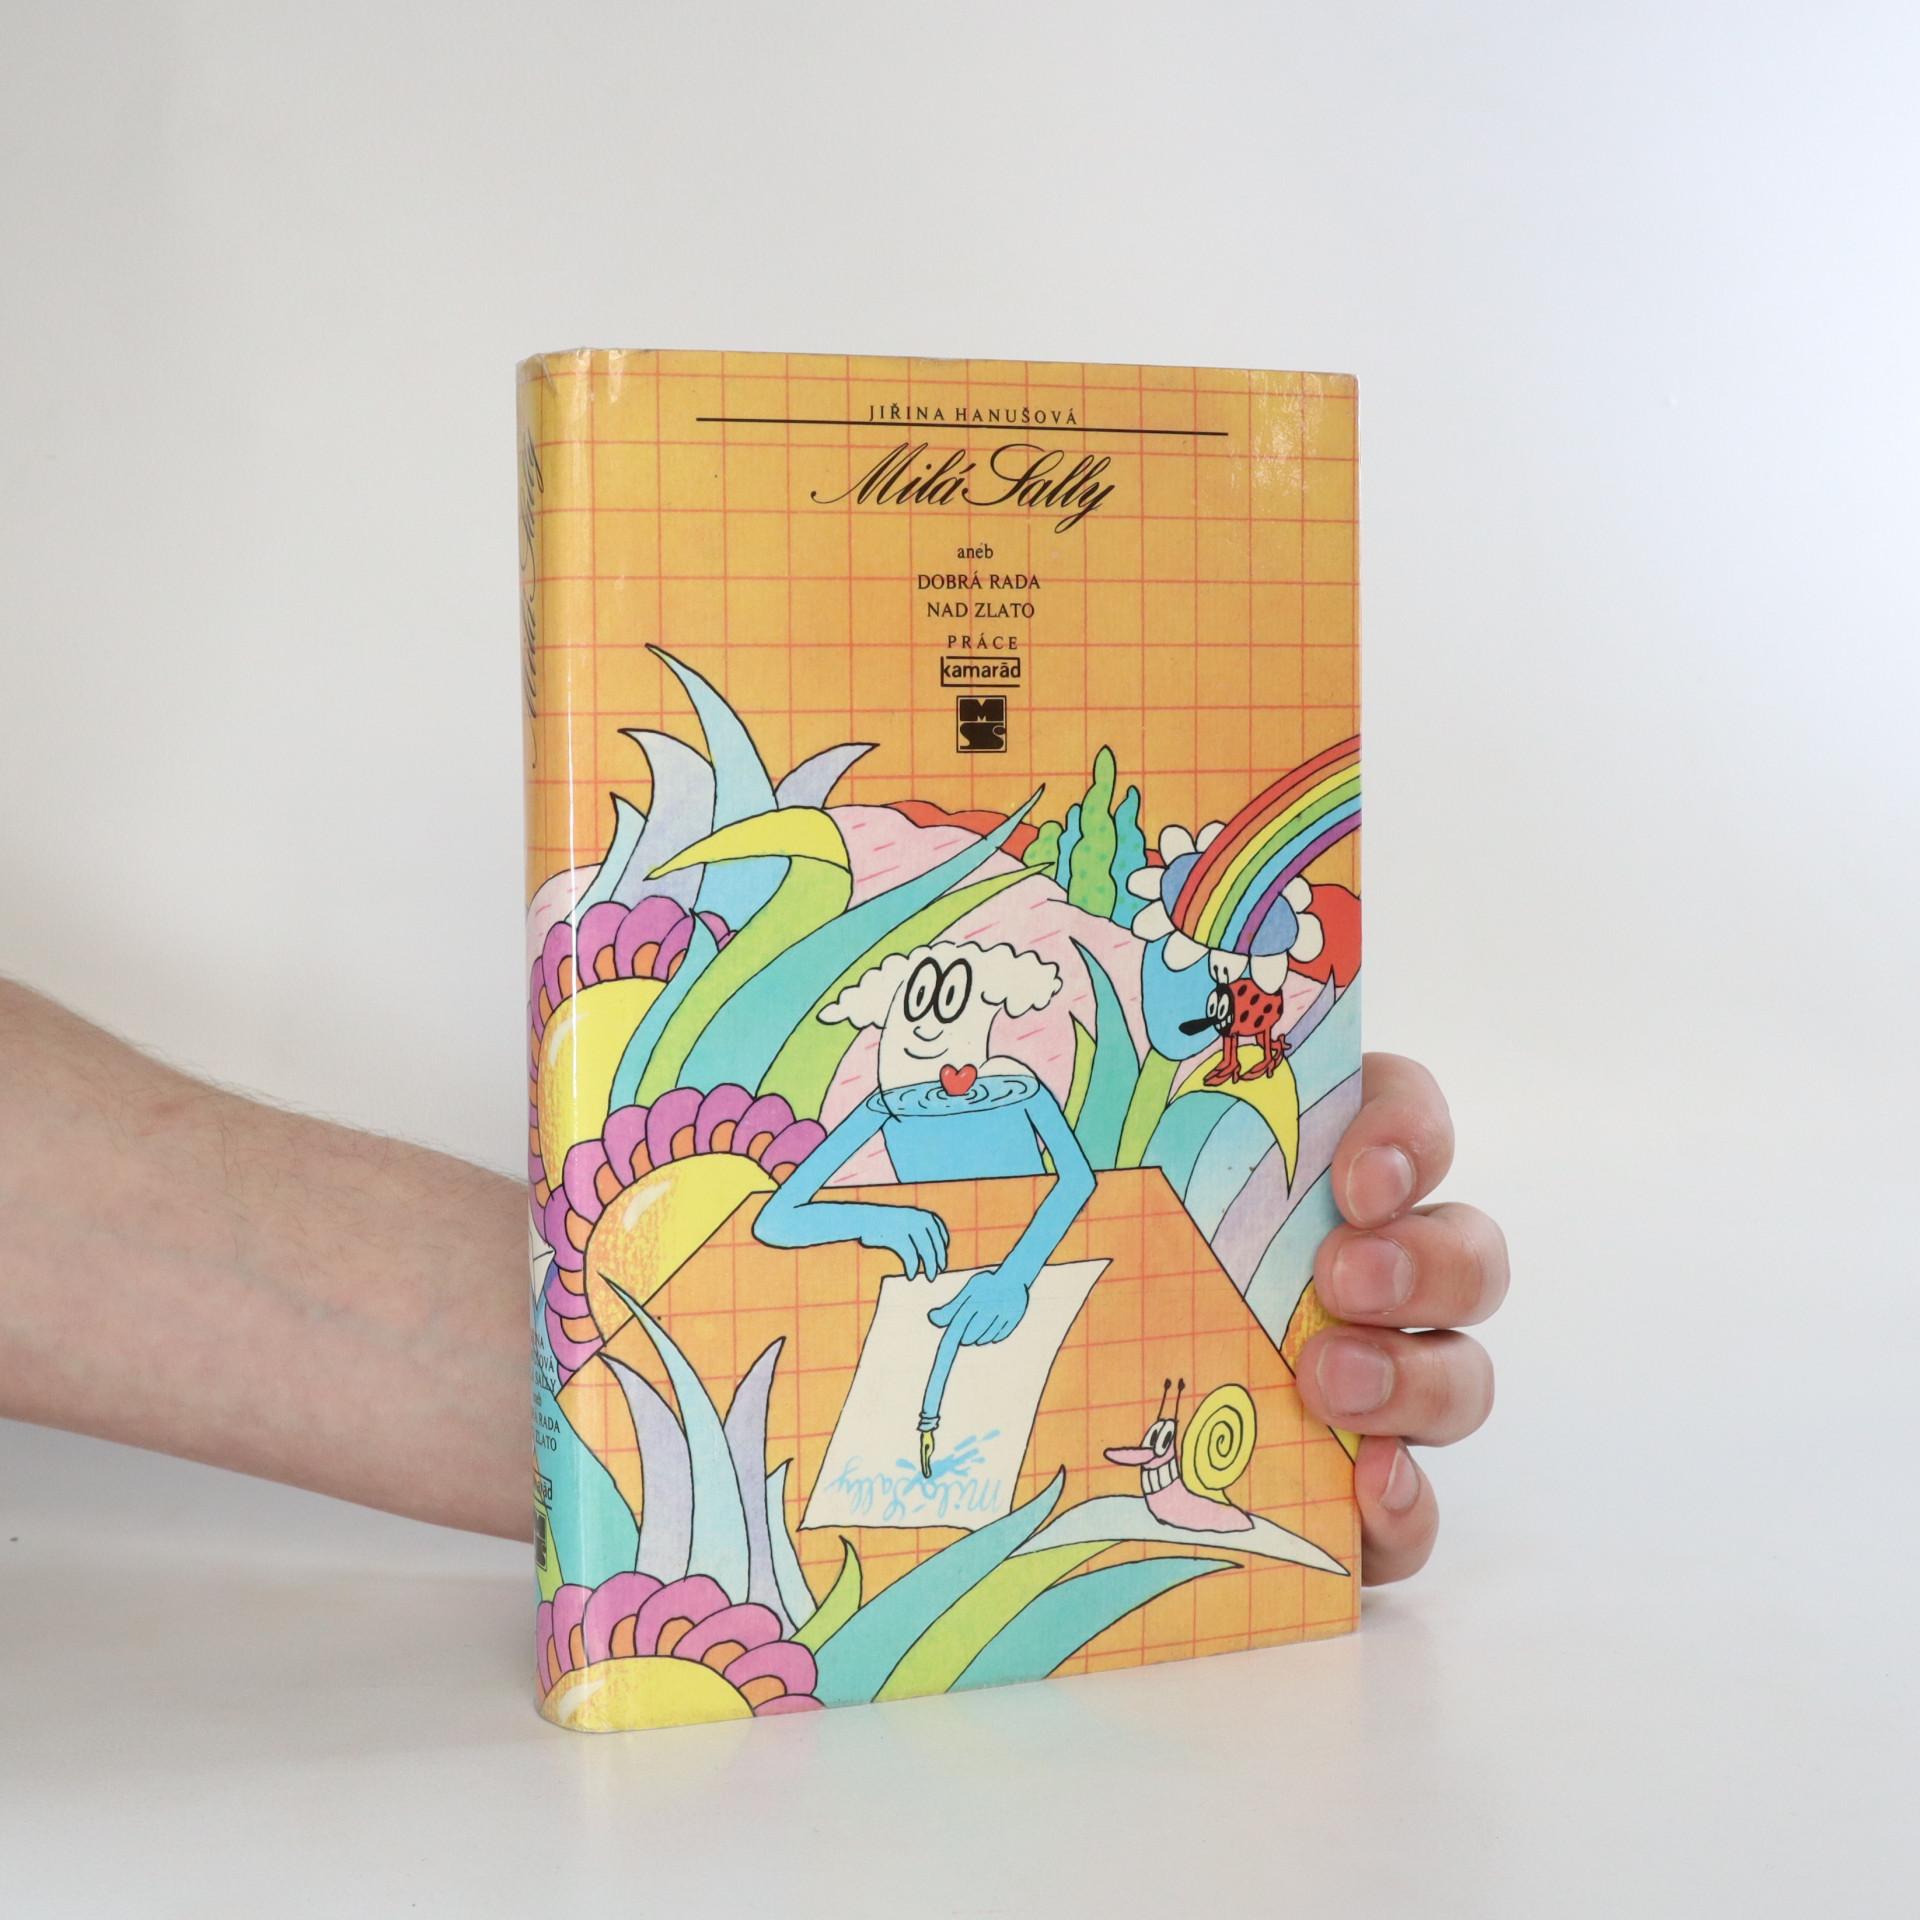 antikvární kniha Milá Sally, aneb, Dobrá rada nad zlato, 1988